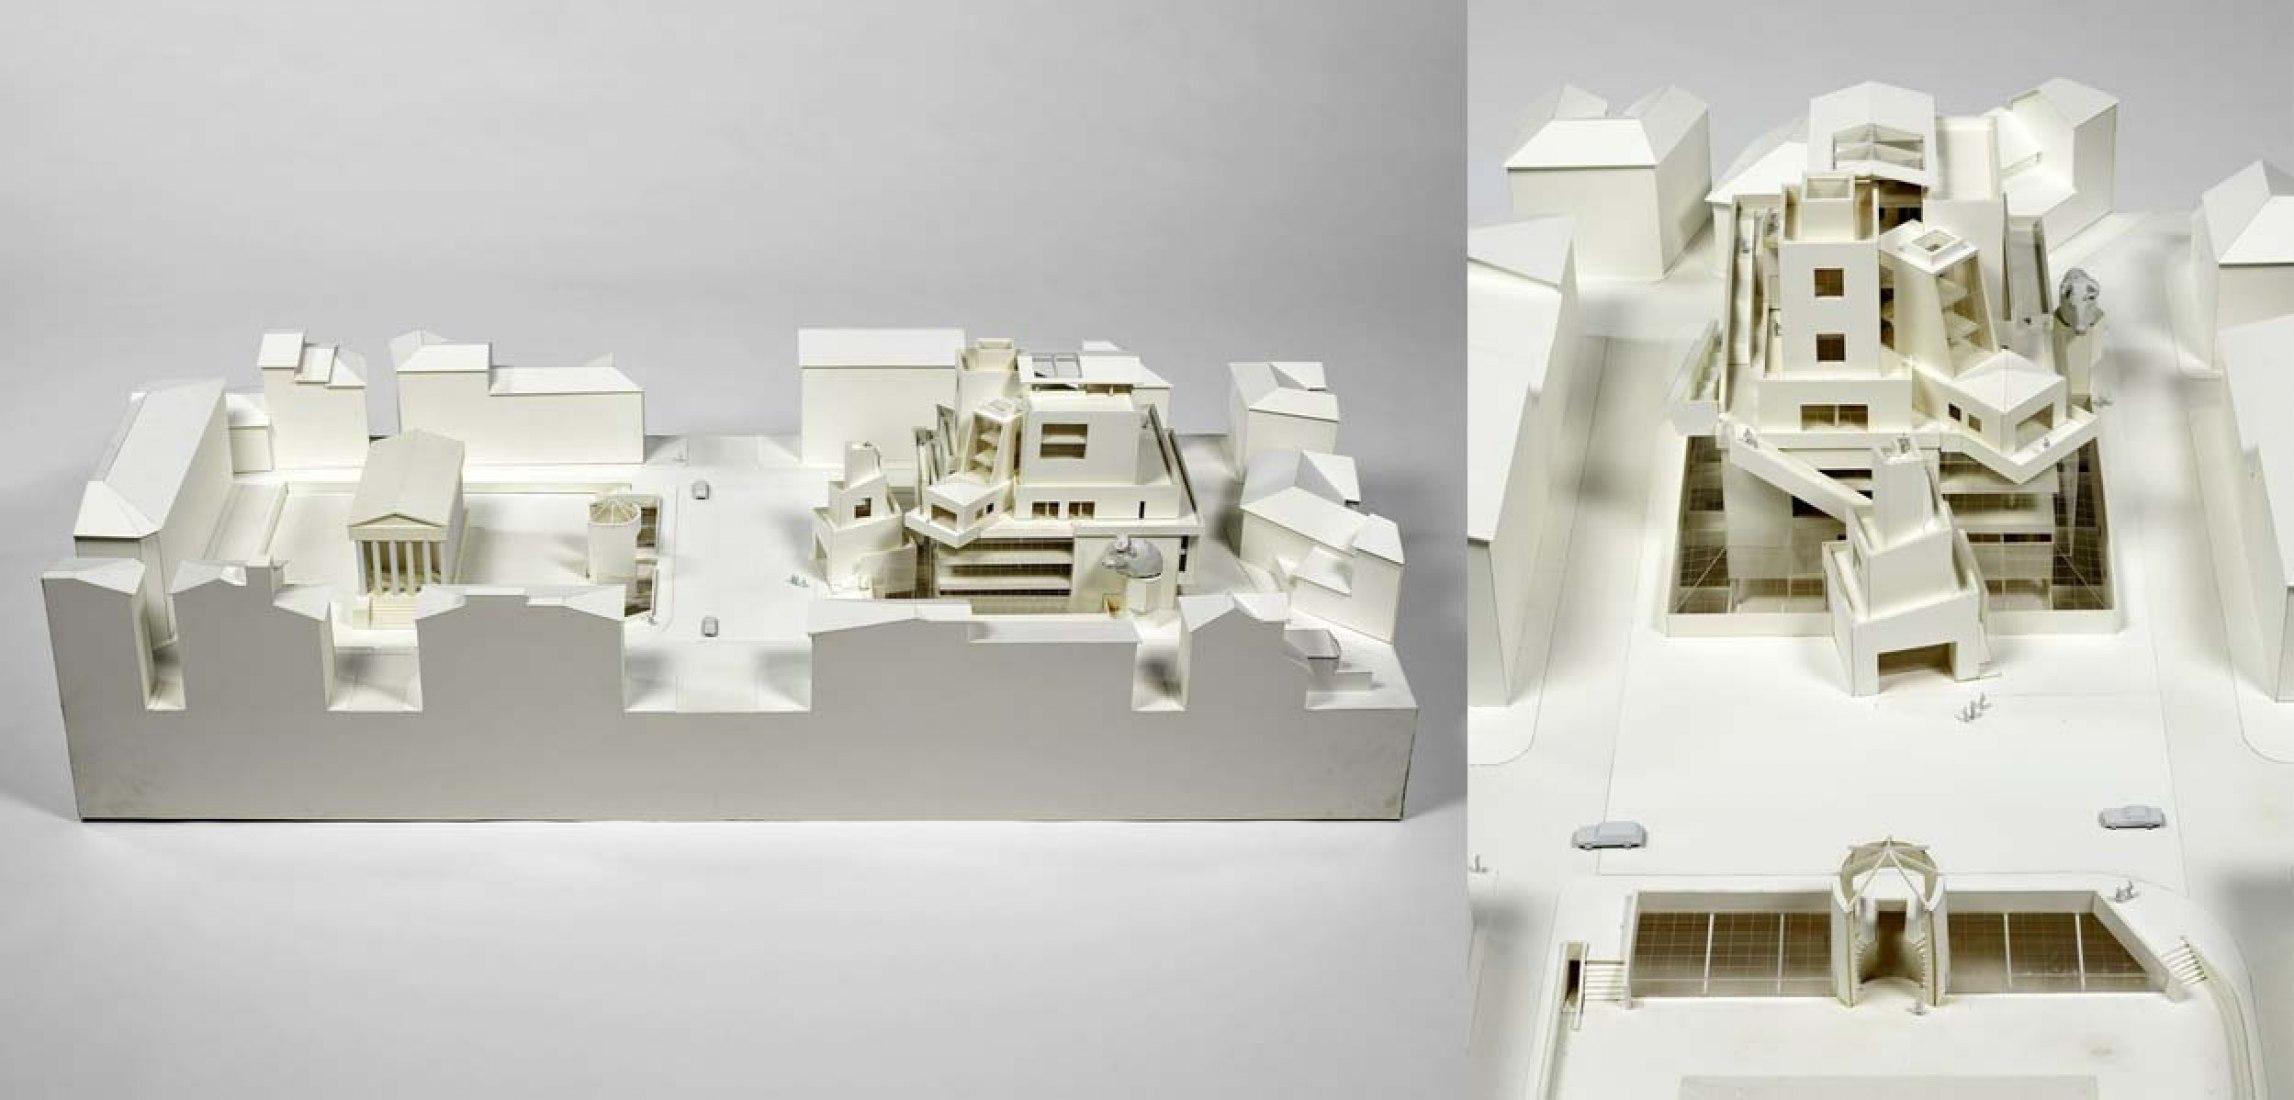 Frank O Gehry (Frank Owen Gehry, dit), Carré d'art, projet pour le concours pour la Médiathèque et le Centre d'art contemporain, Nîmes, 1984. Fotografía © Philippe Migeat - Centre Pompidou, MNAM-CCI (diffusion RMN) © Frank O. Gehry.